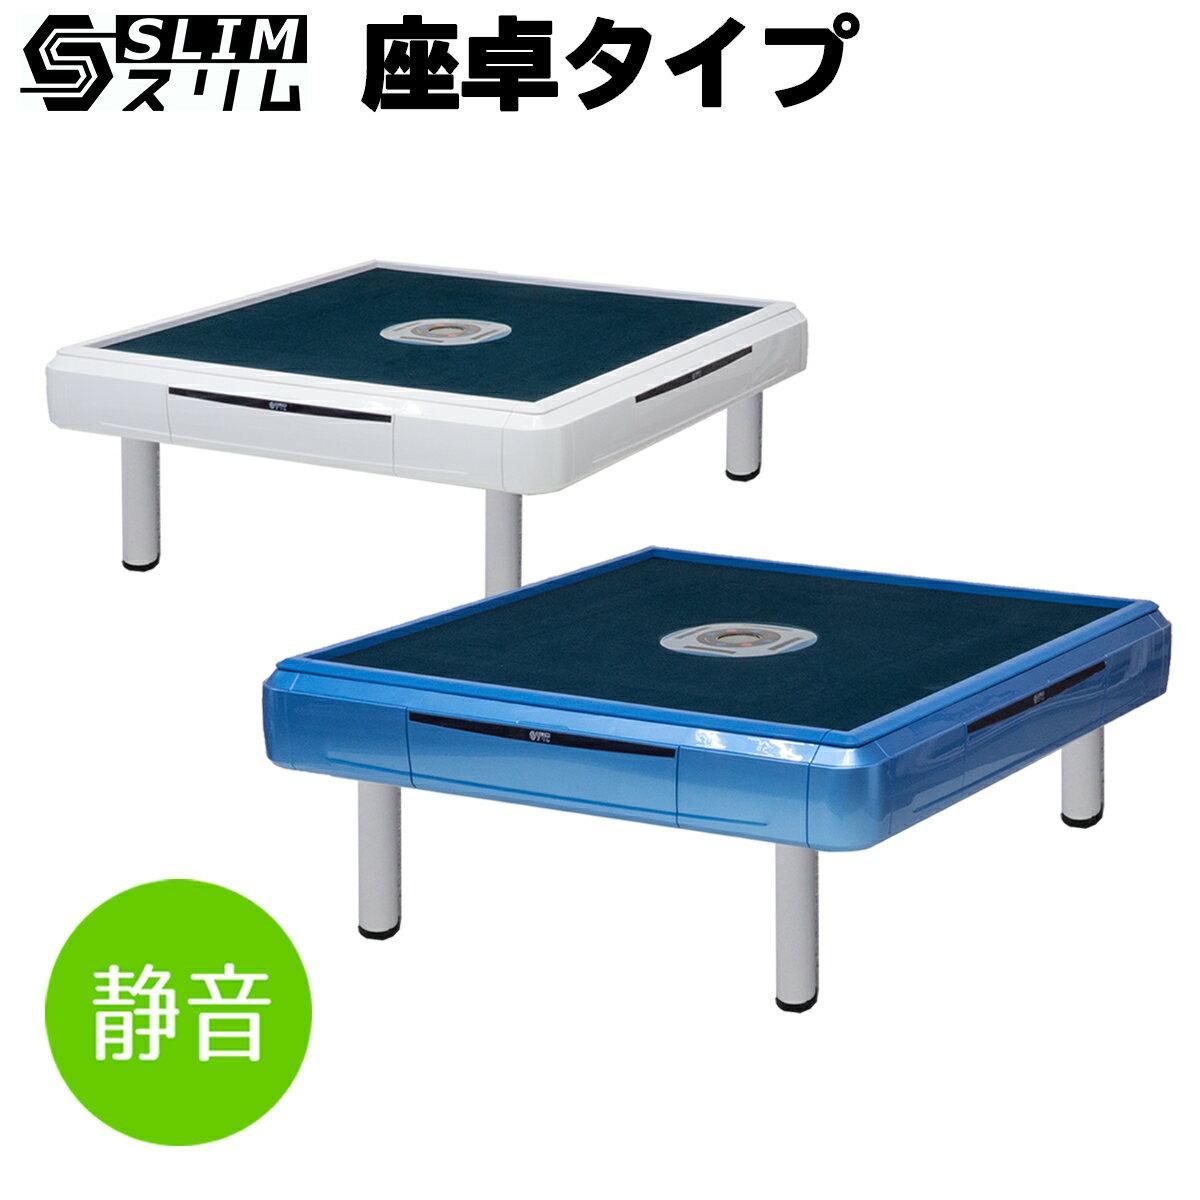 【ポイント5倍】全自動麻雀卓 スリム 座卓タイプ【軽量・静音】